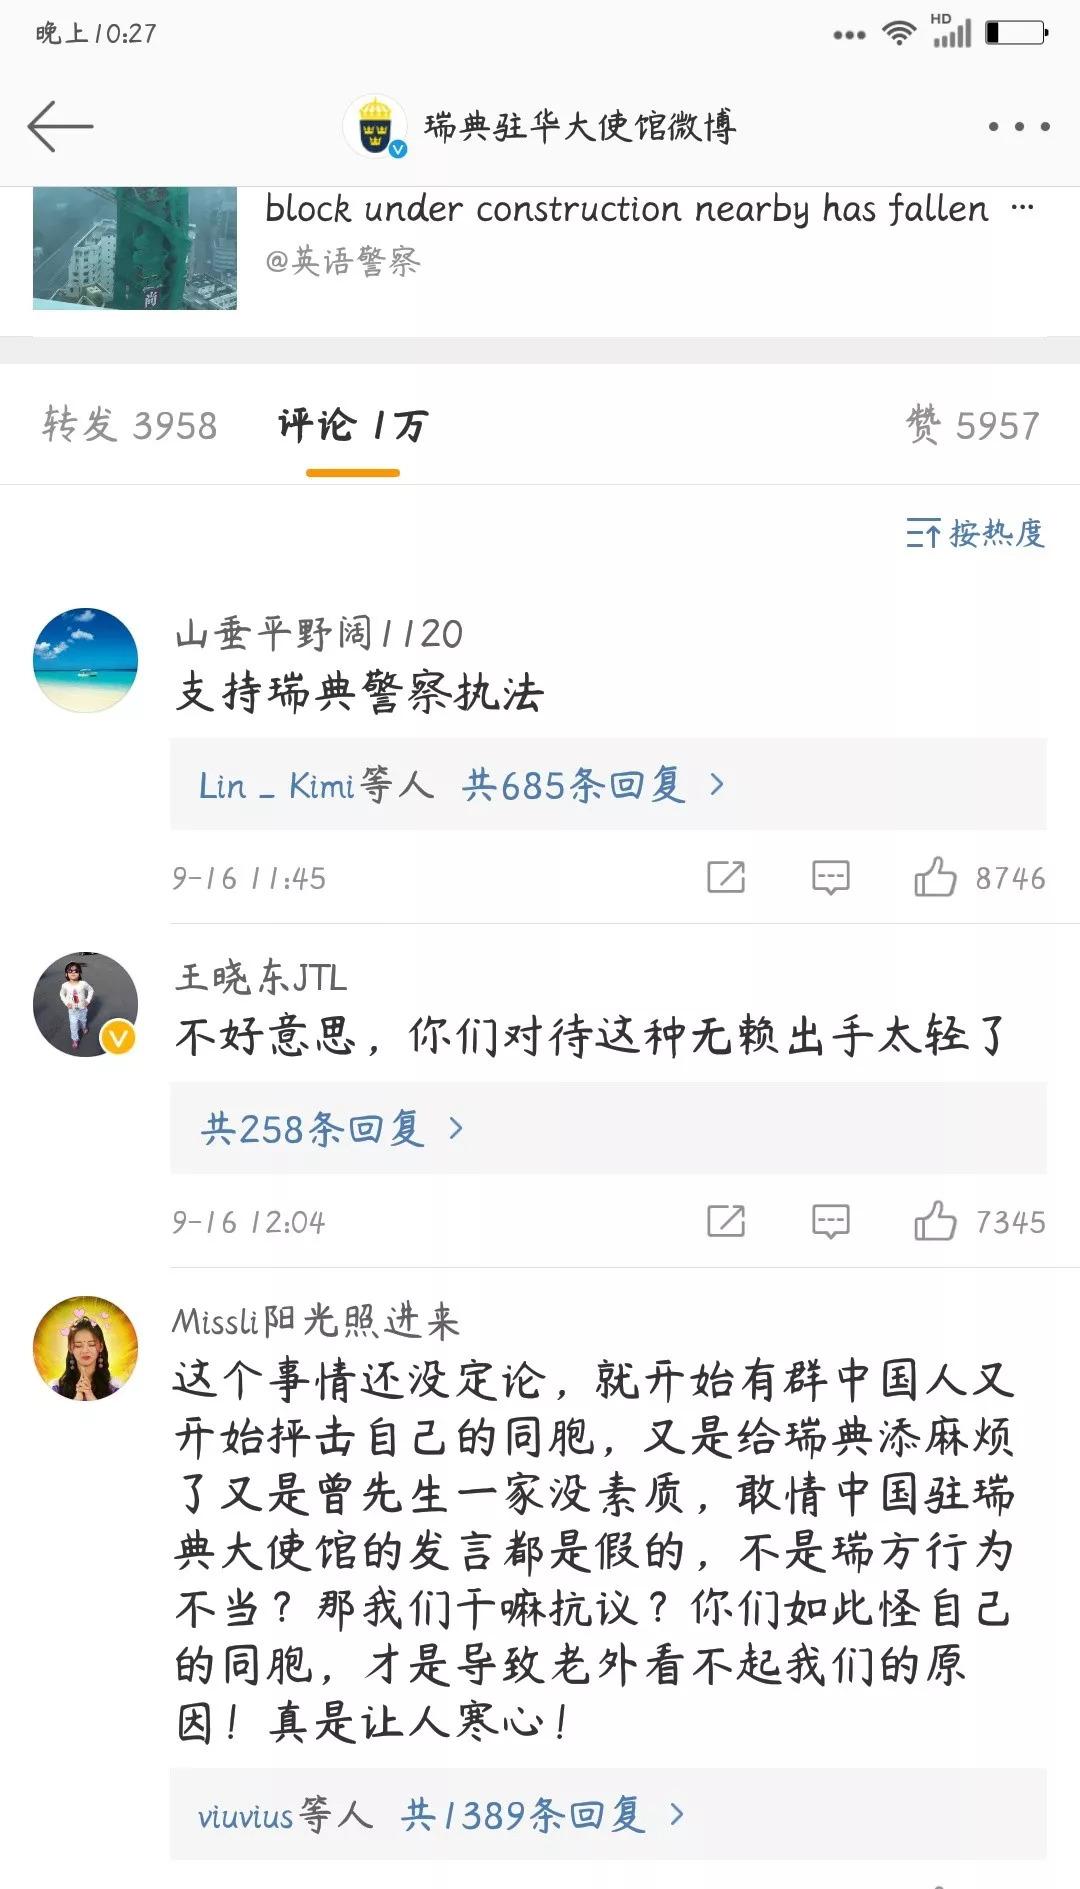 中国游客在瑞典遭粗暴对待背后 如何在海外有尊严的旅游?